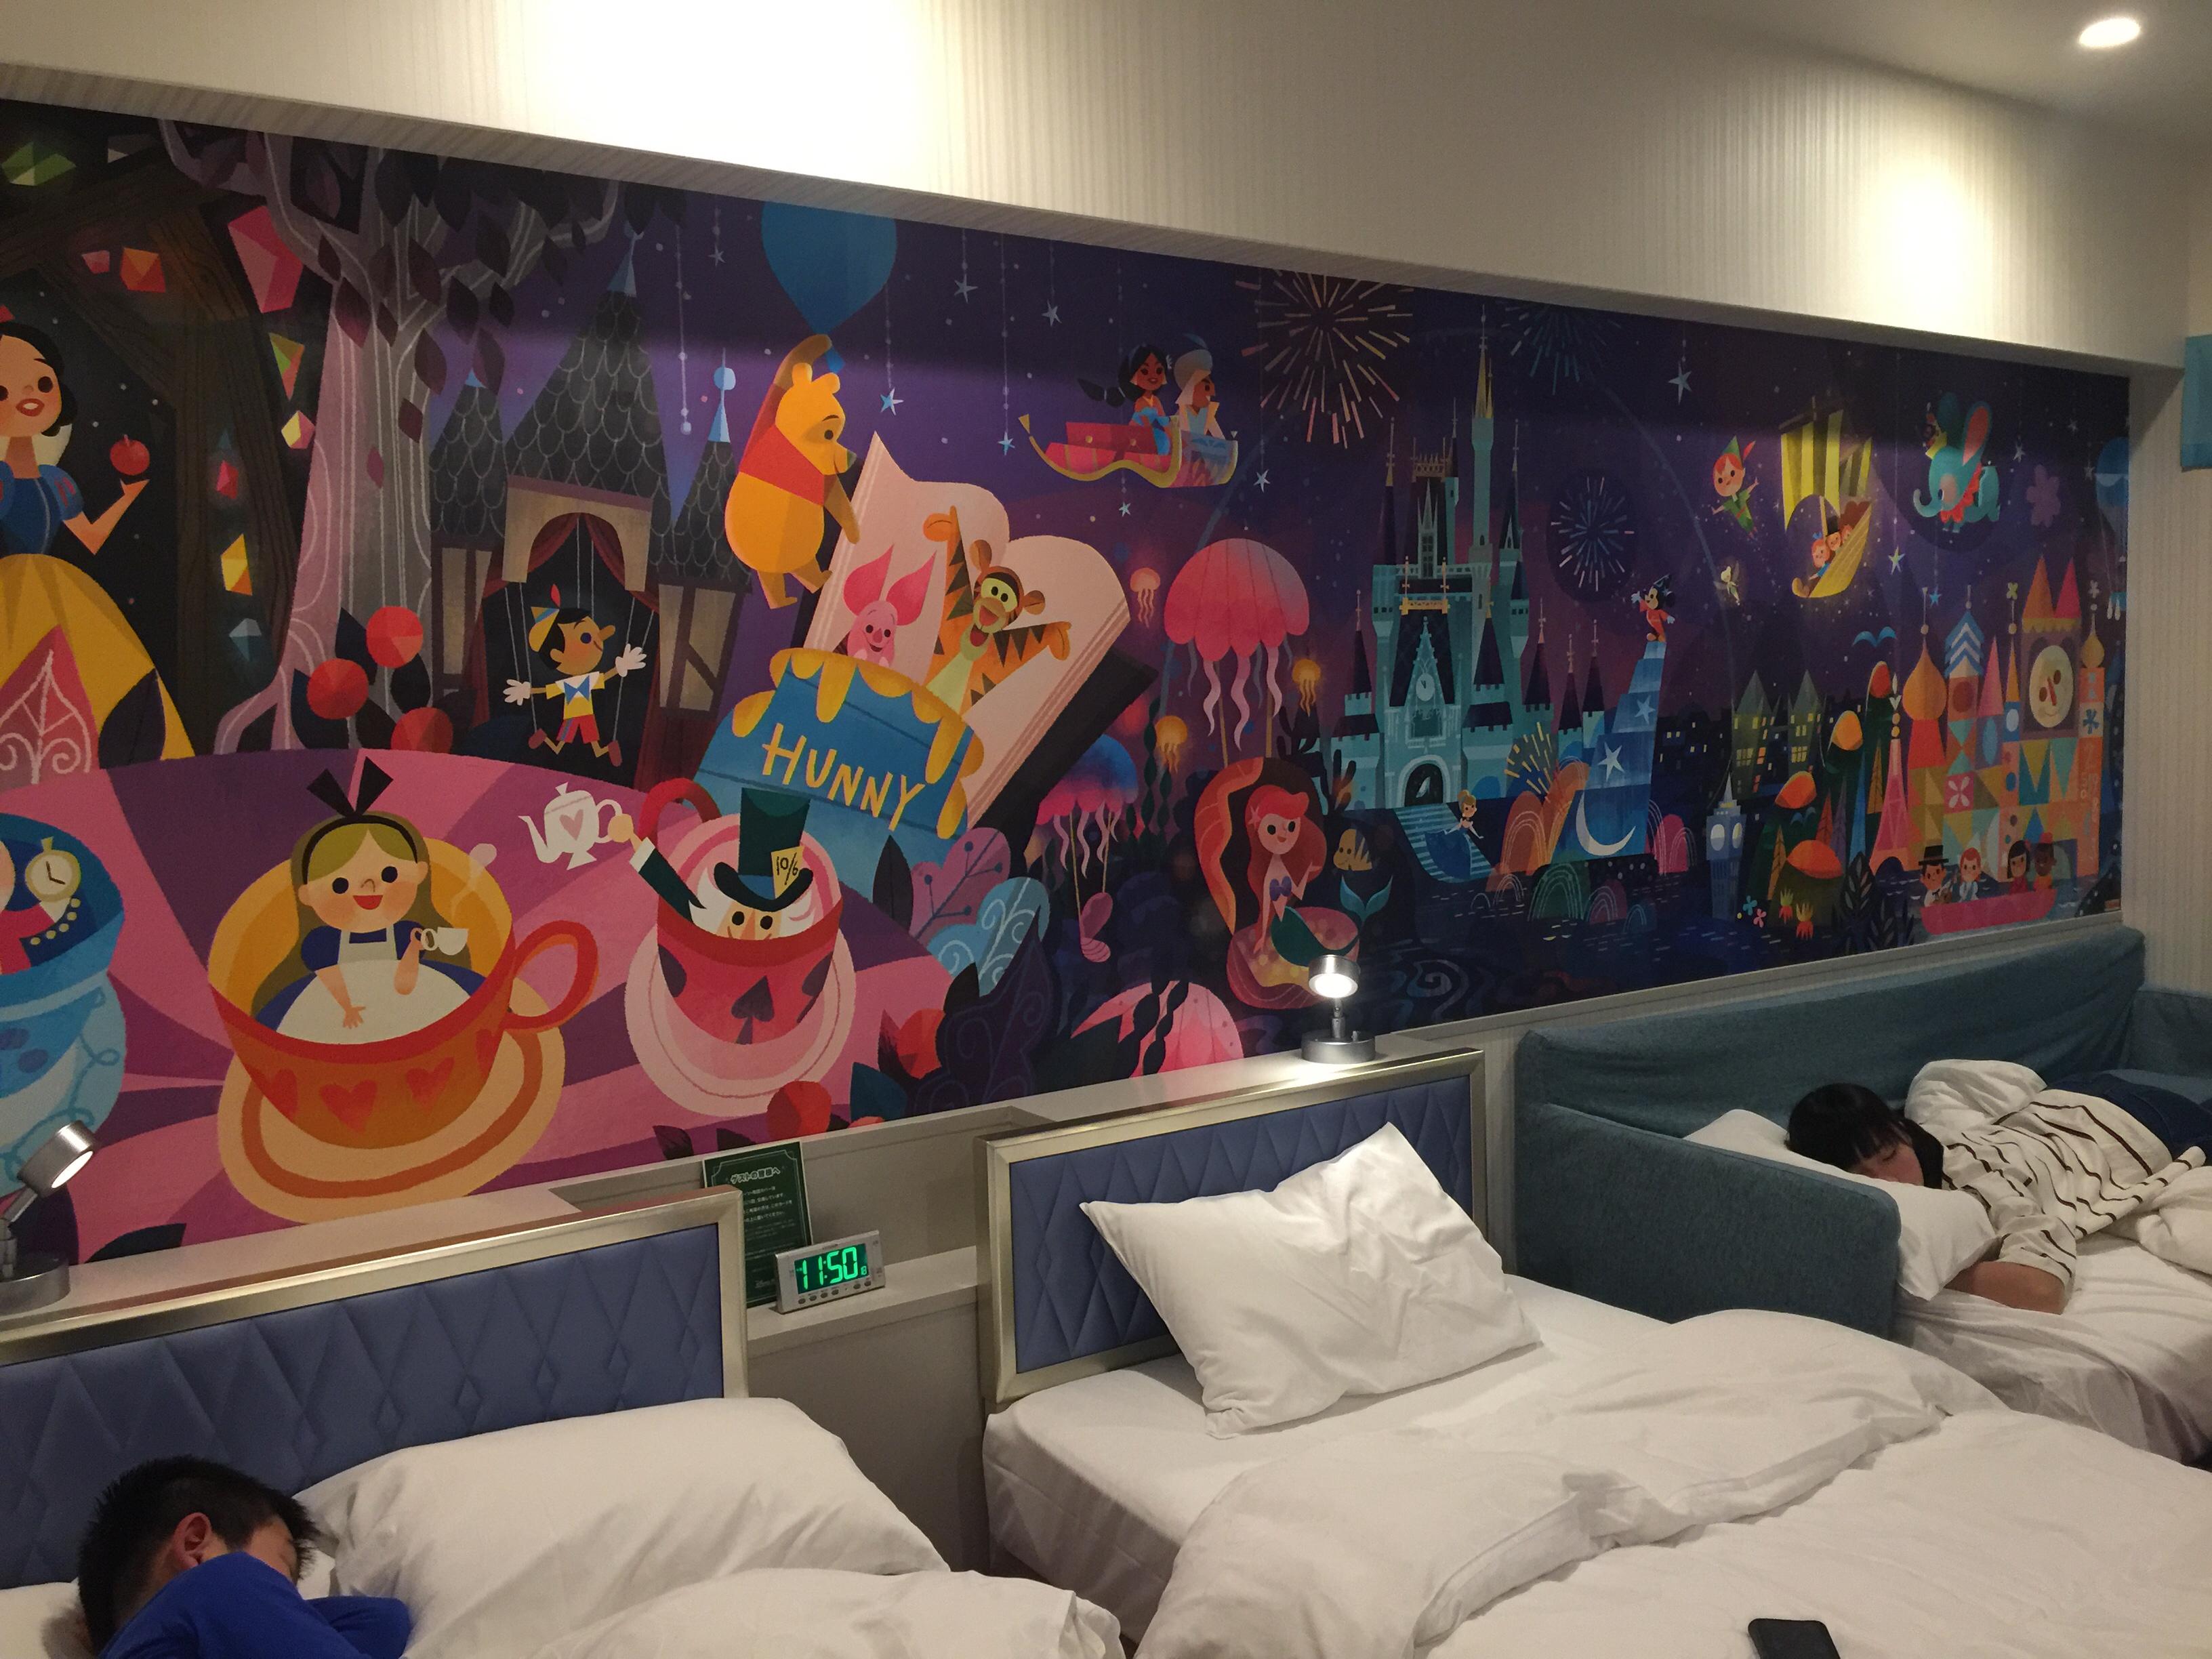 東京ディズニーランド 家族旅行 ディズニーランドホテルに宿泊してきまし